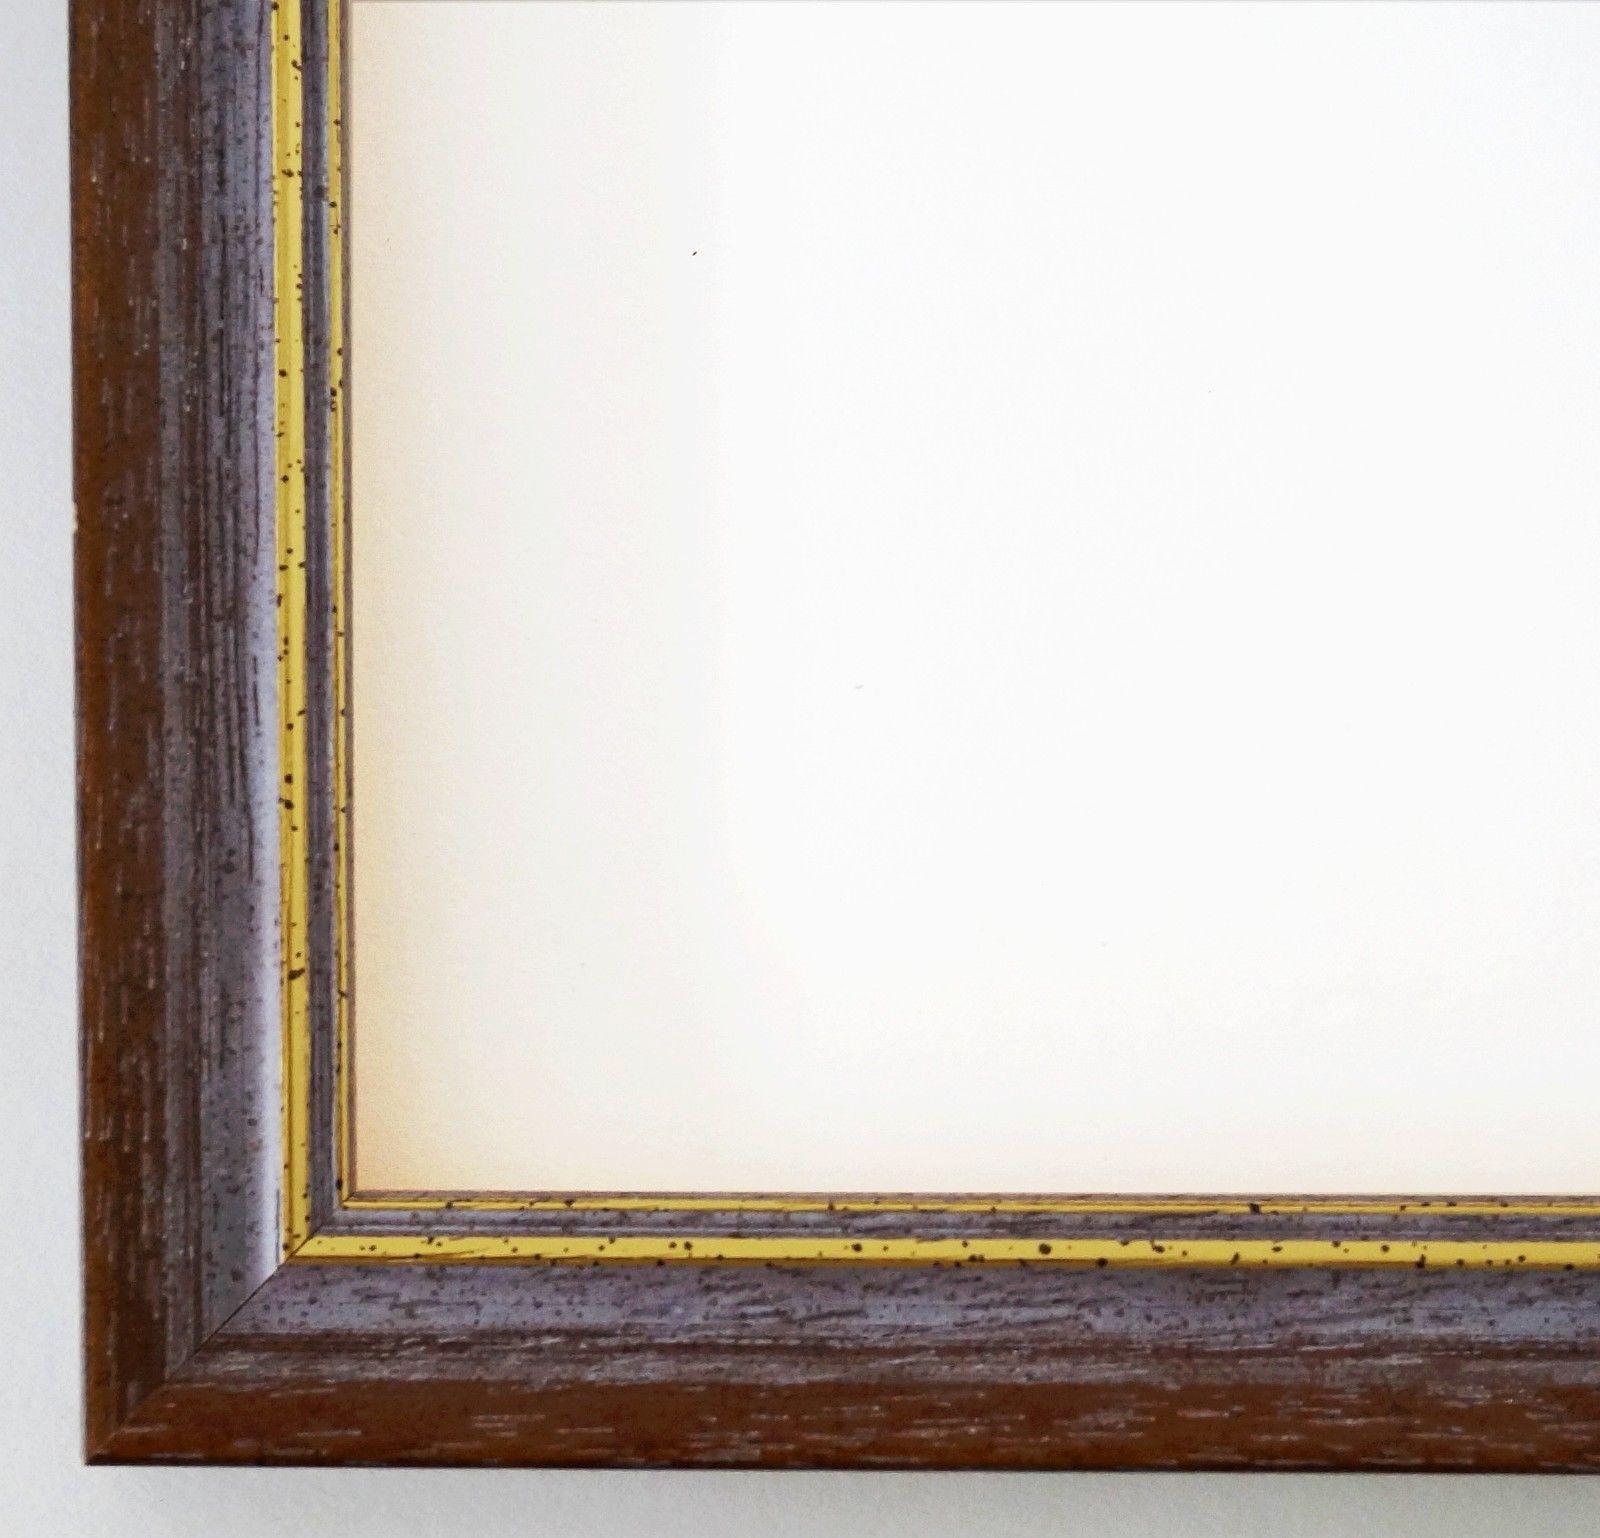 Bilderrahmen Braun Gold Braunschweig - 9x13 10x10 10x15 13x18 15x20 ...